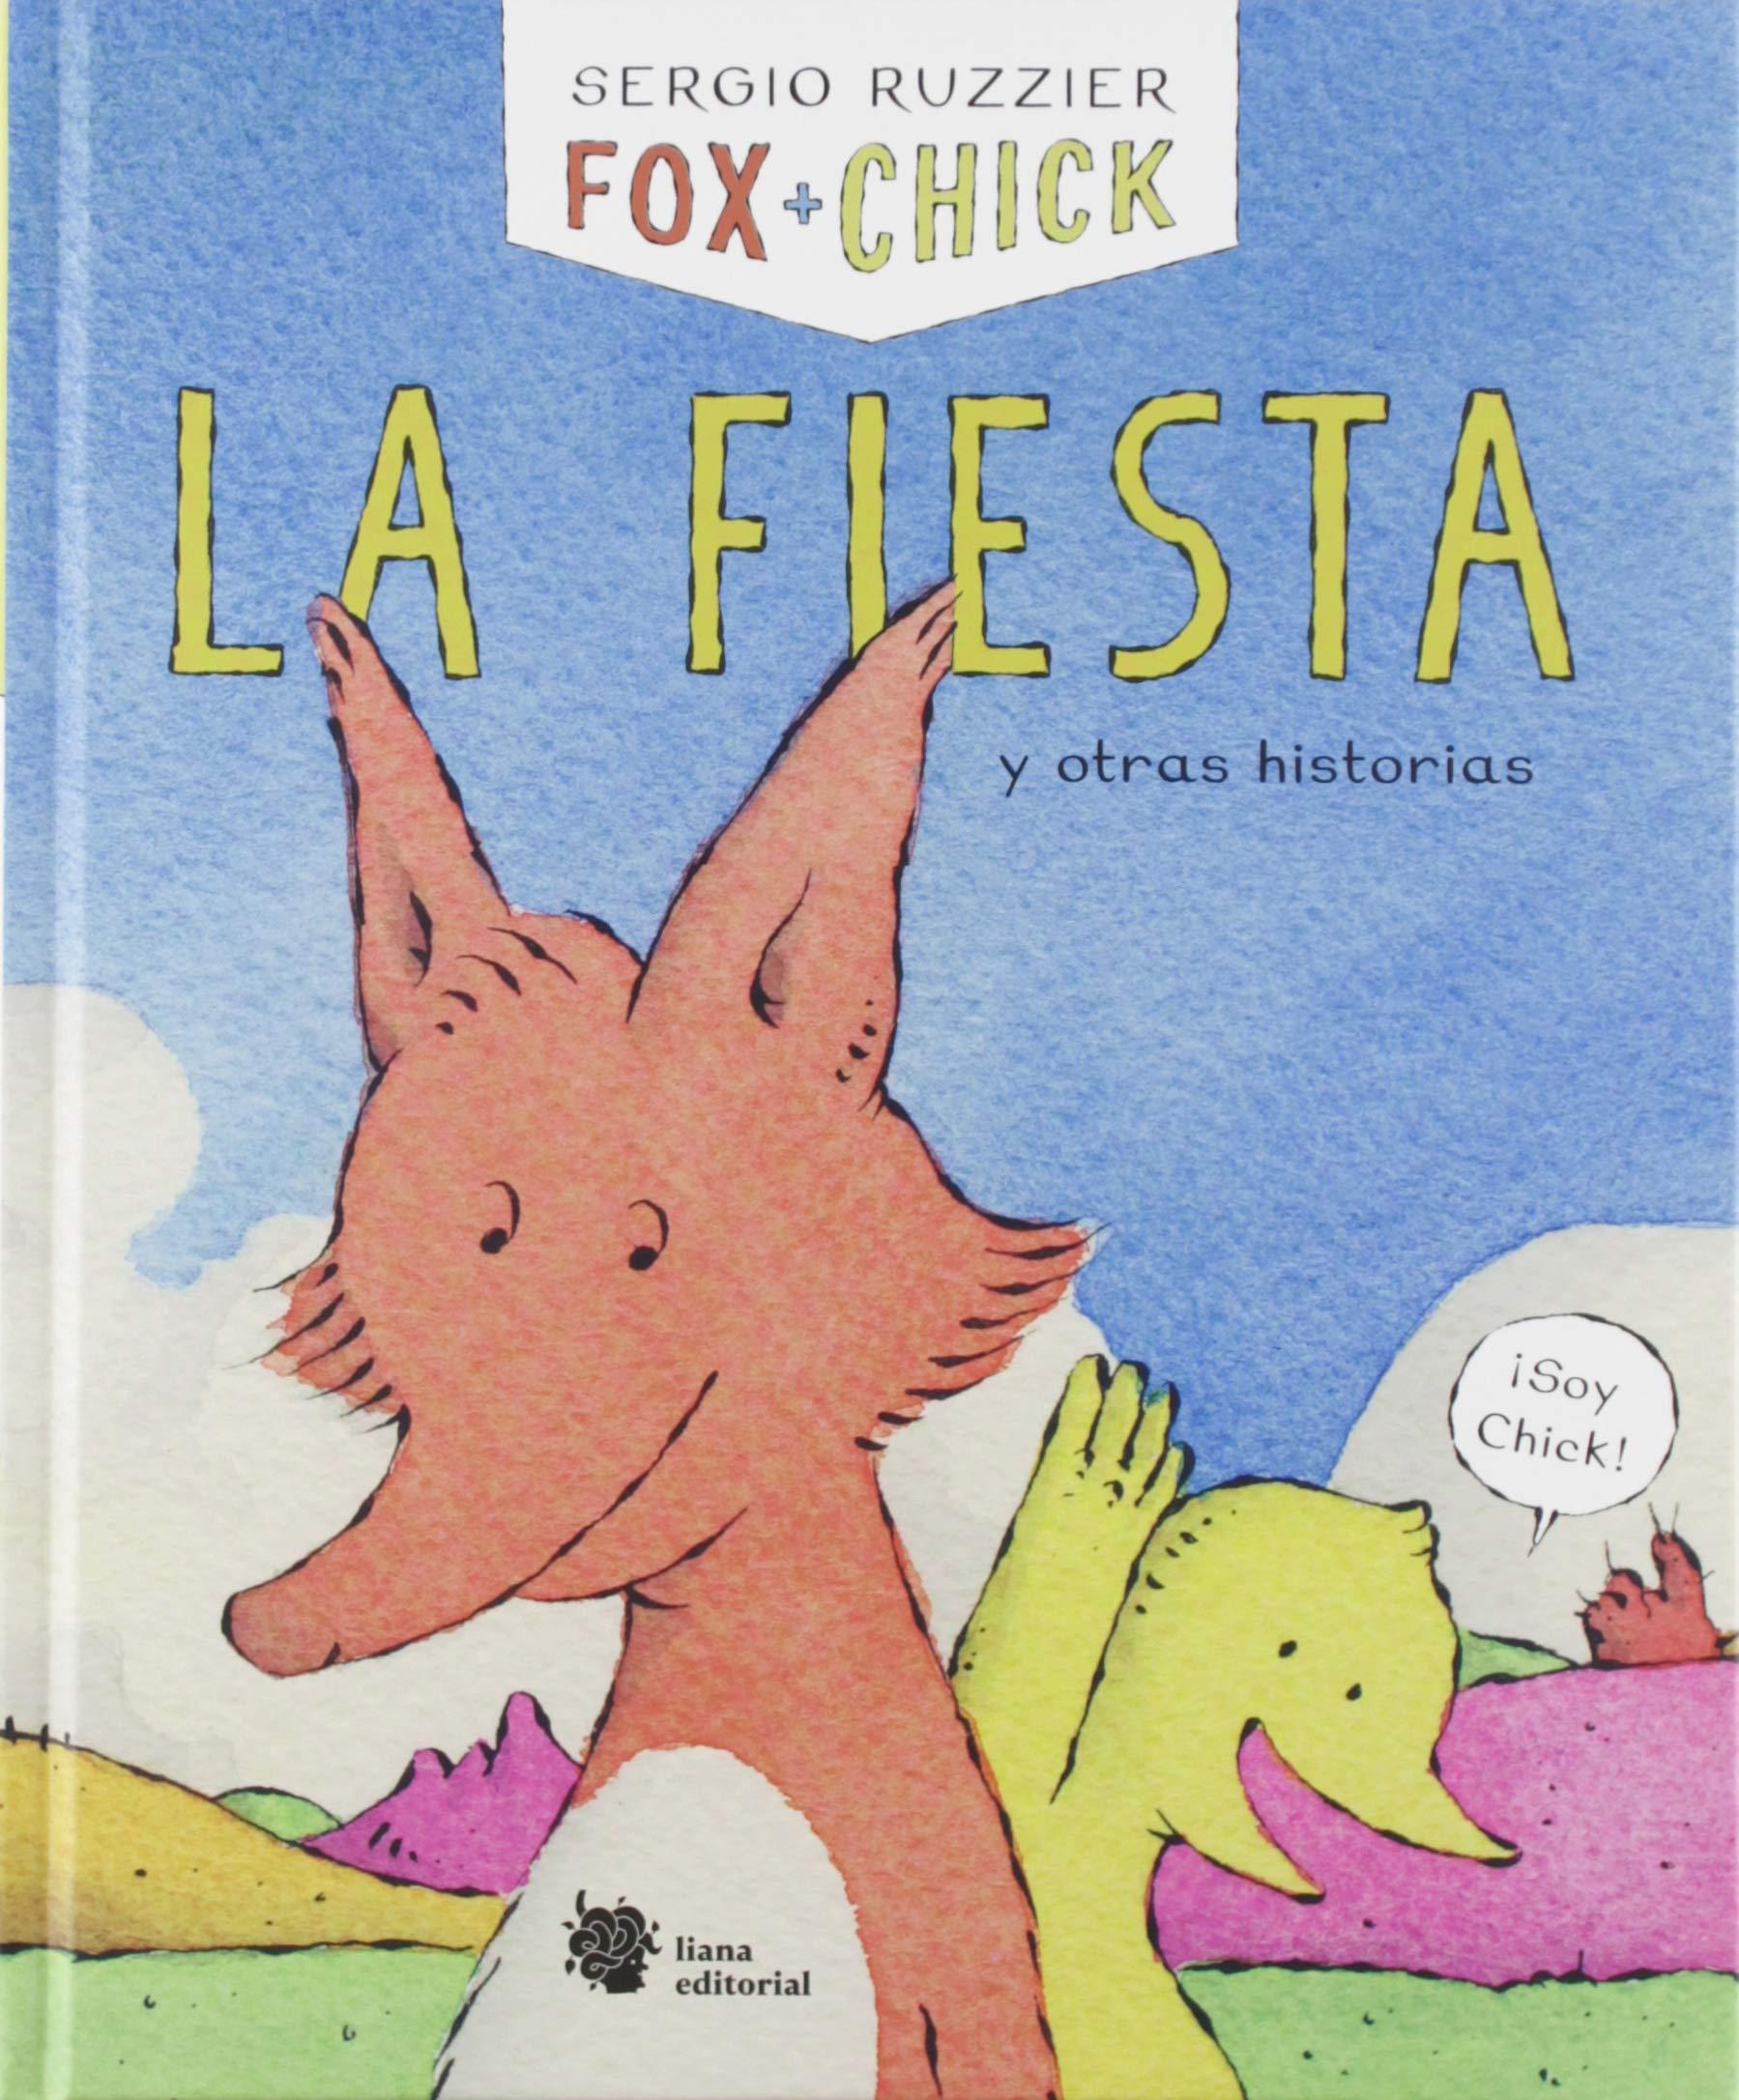 Fox + Chick. La fiesta y otras historias: 1 El manglar: Amazon.es: Ruzzier, Sergio, Tutone, Marta: Libros